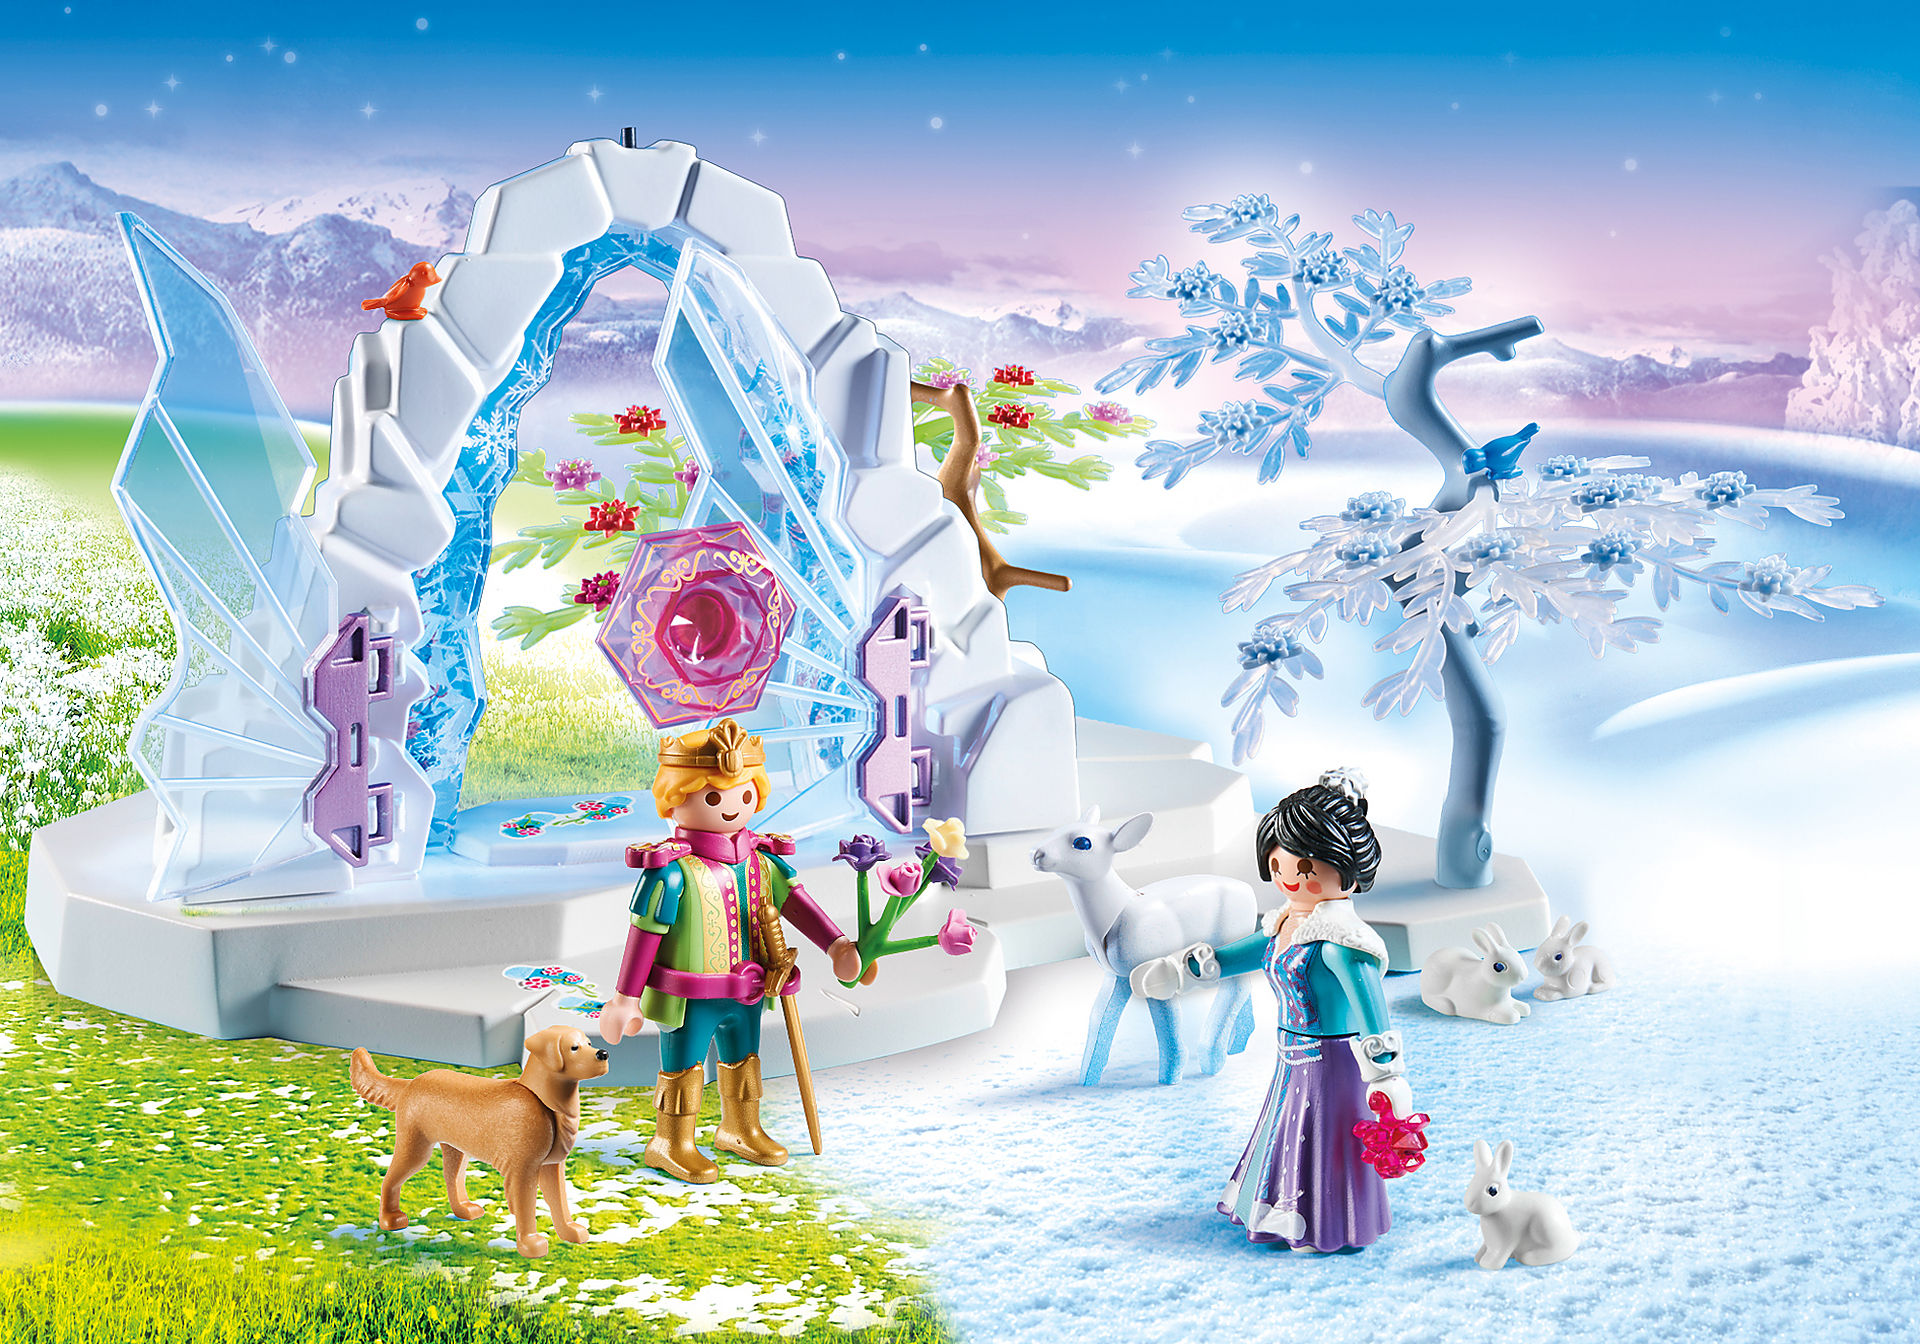 9471 Kristallen poort naar Winterland zoom image1